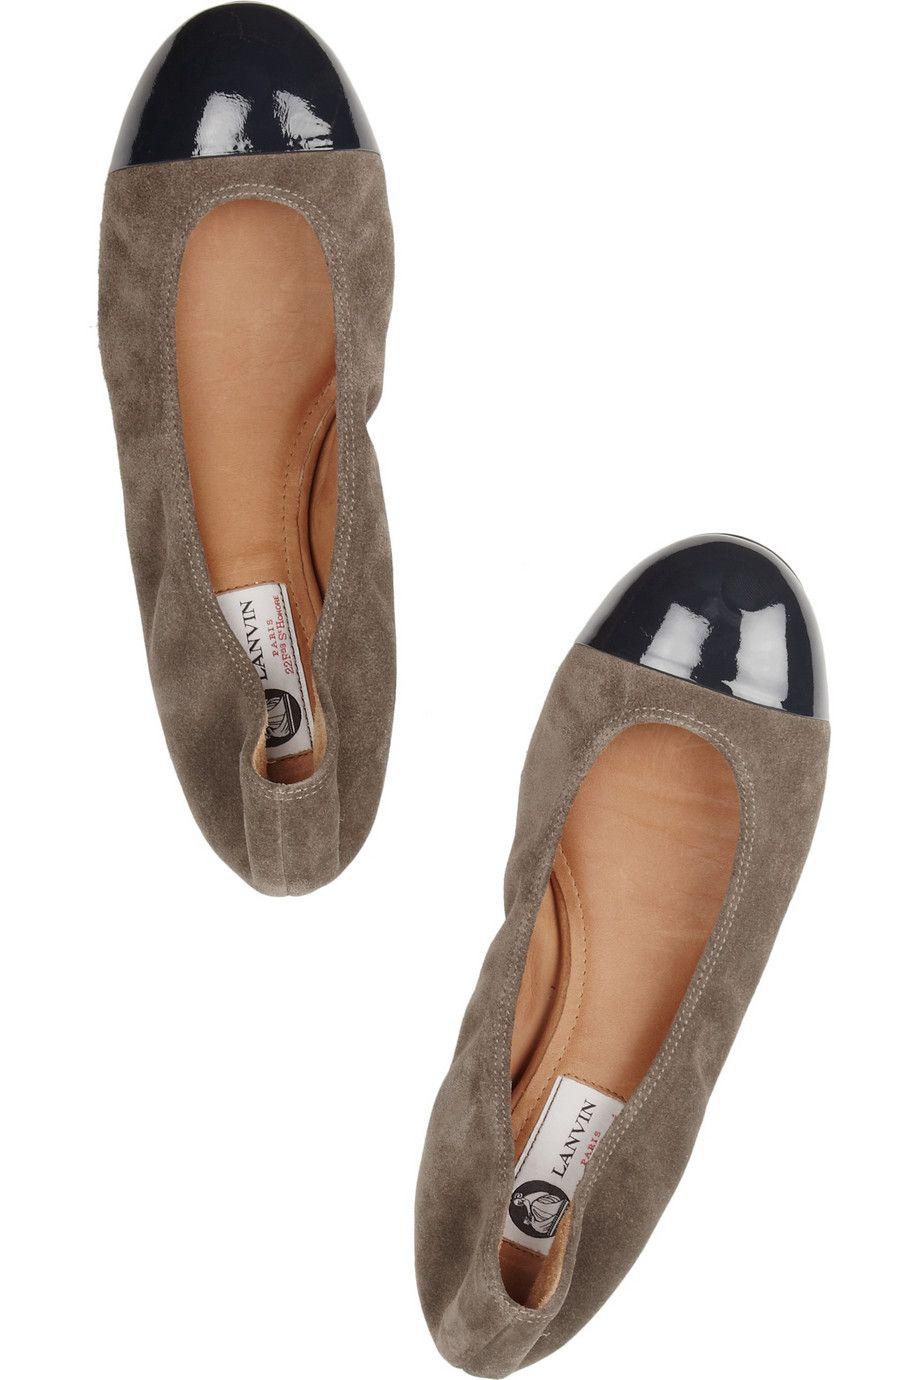 67e03e74550ec Lanvin   Patent leather-trimmed suede ballet flats   NET-A-PORTER.COM